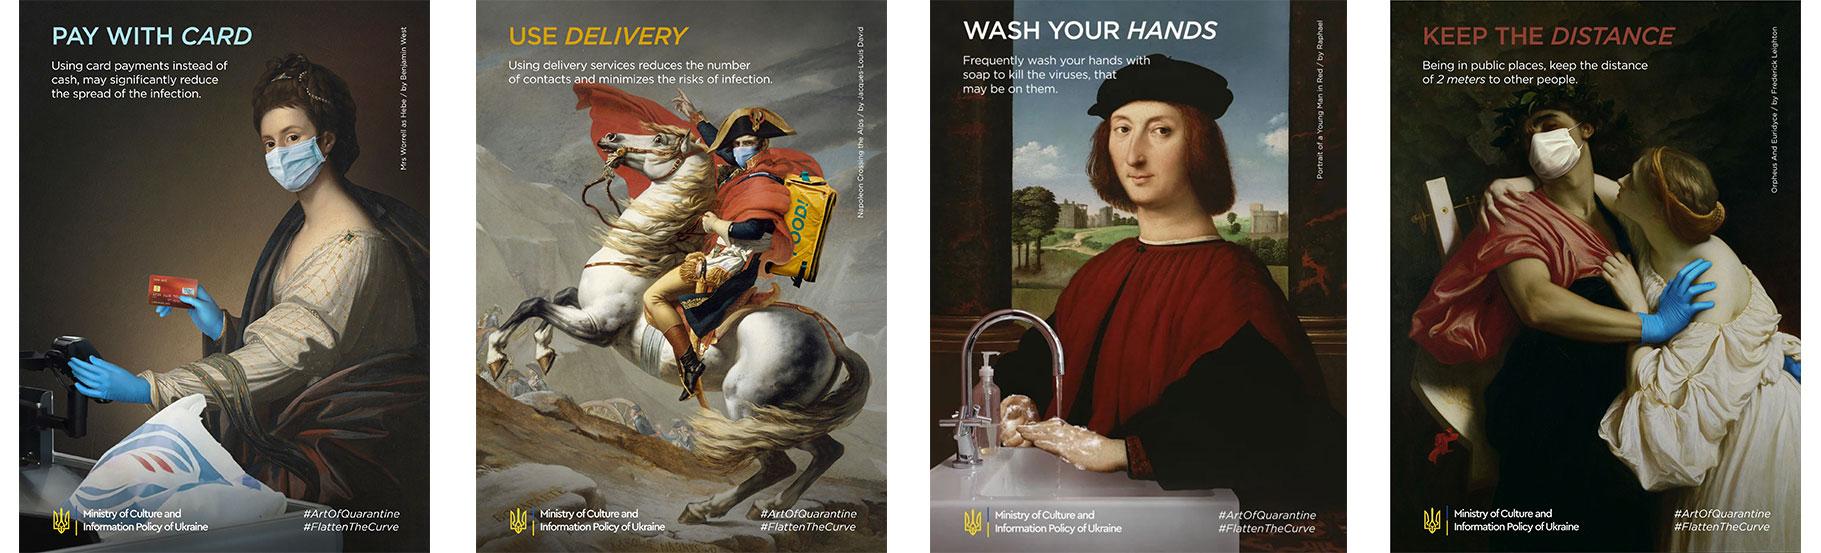 primeri reklama cuvenih slikara sa gde su portreti sa maskama na licu